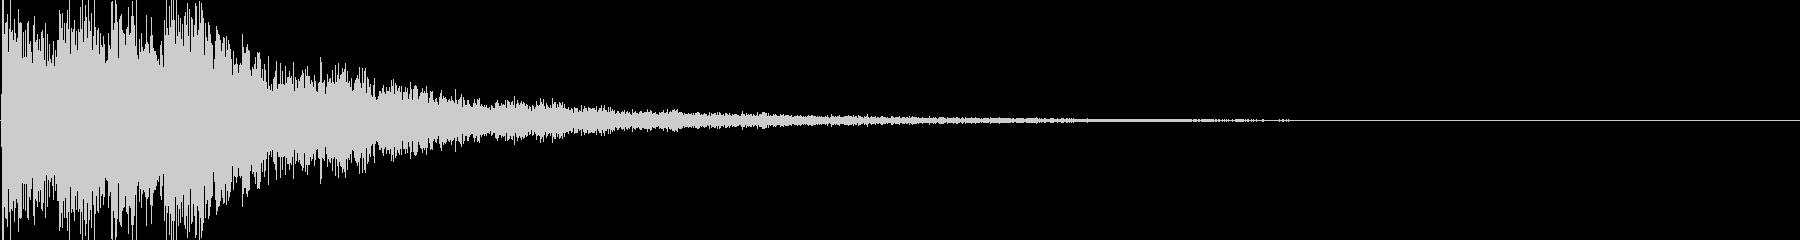 シンセ音(決定音、アプリ、ゲームなどに)の未再生の波形